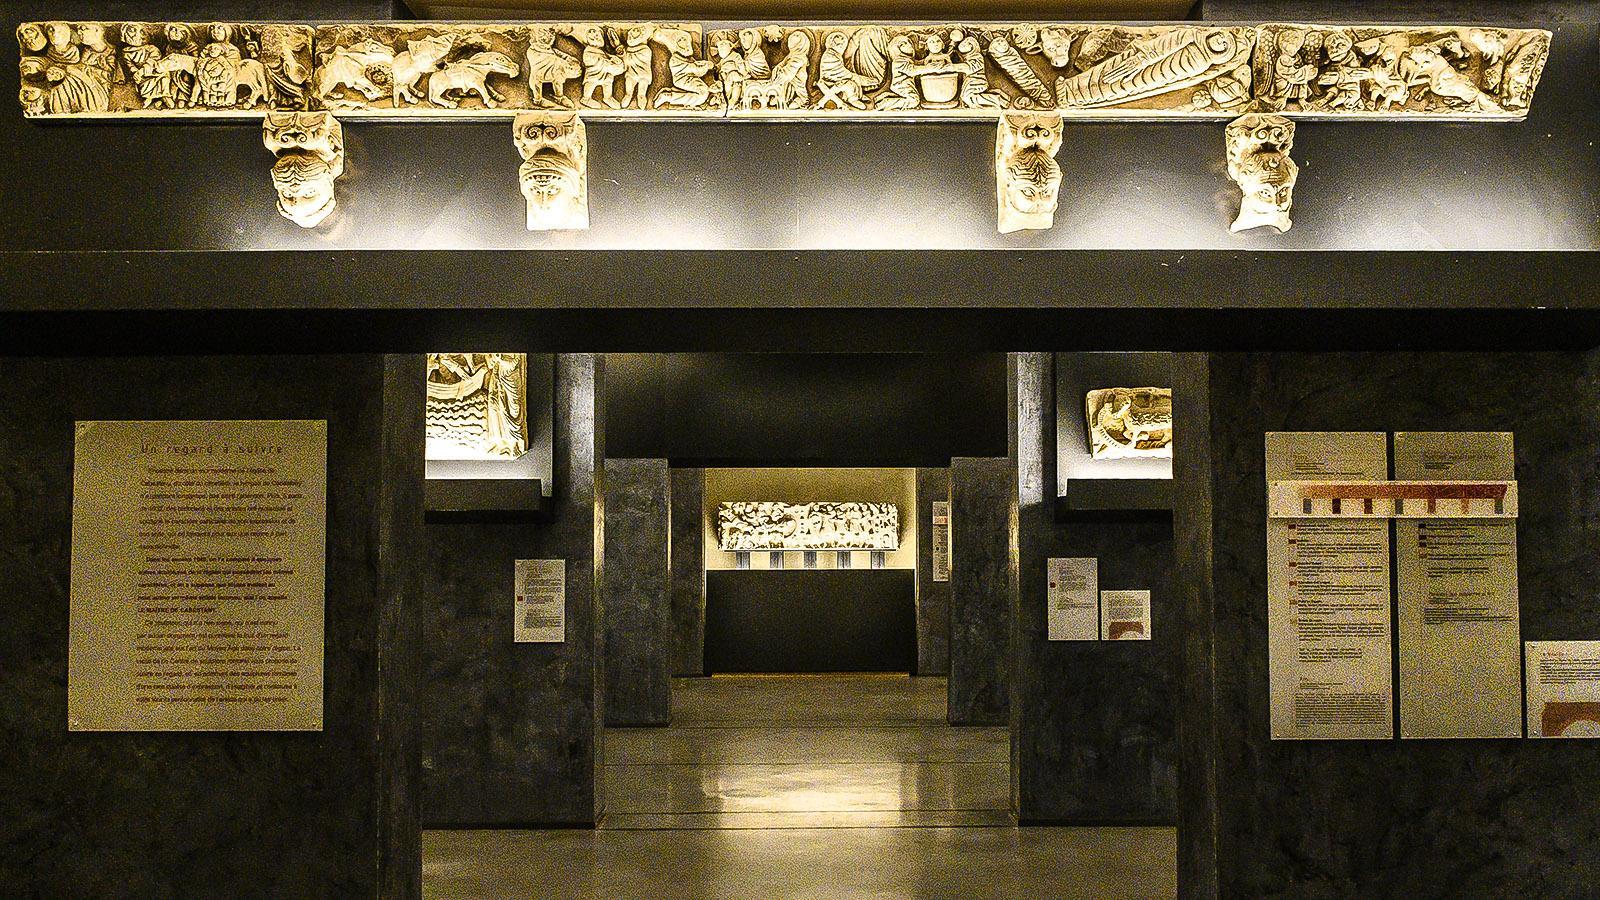 Le Maître de Cabestany: Geschickt setzt die Lichtführung Details der Skulpturen in Szene. Foto: Hilke Maunder